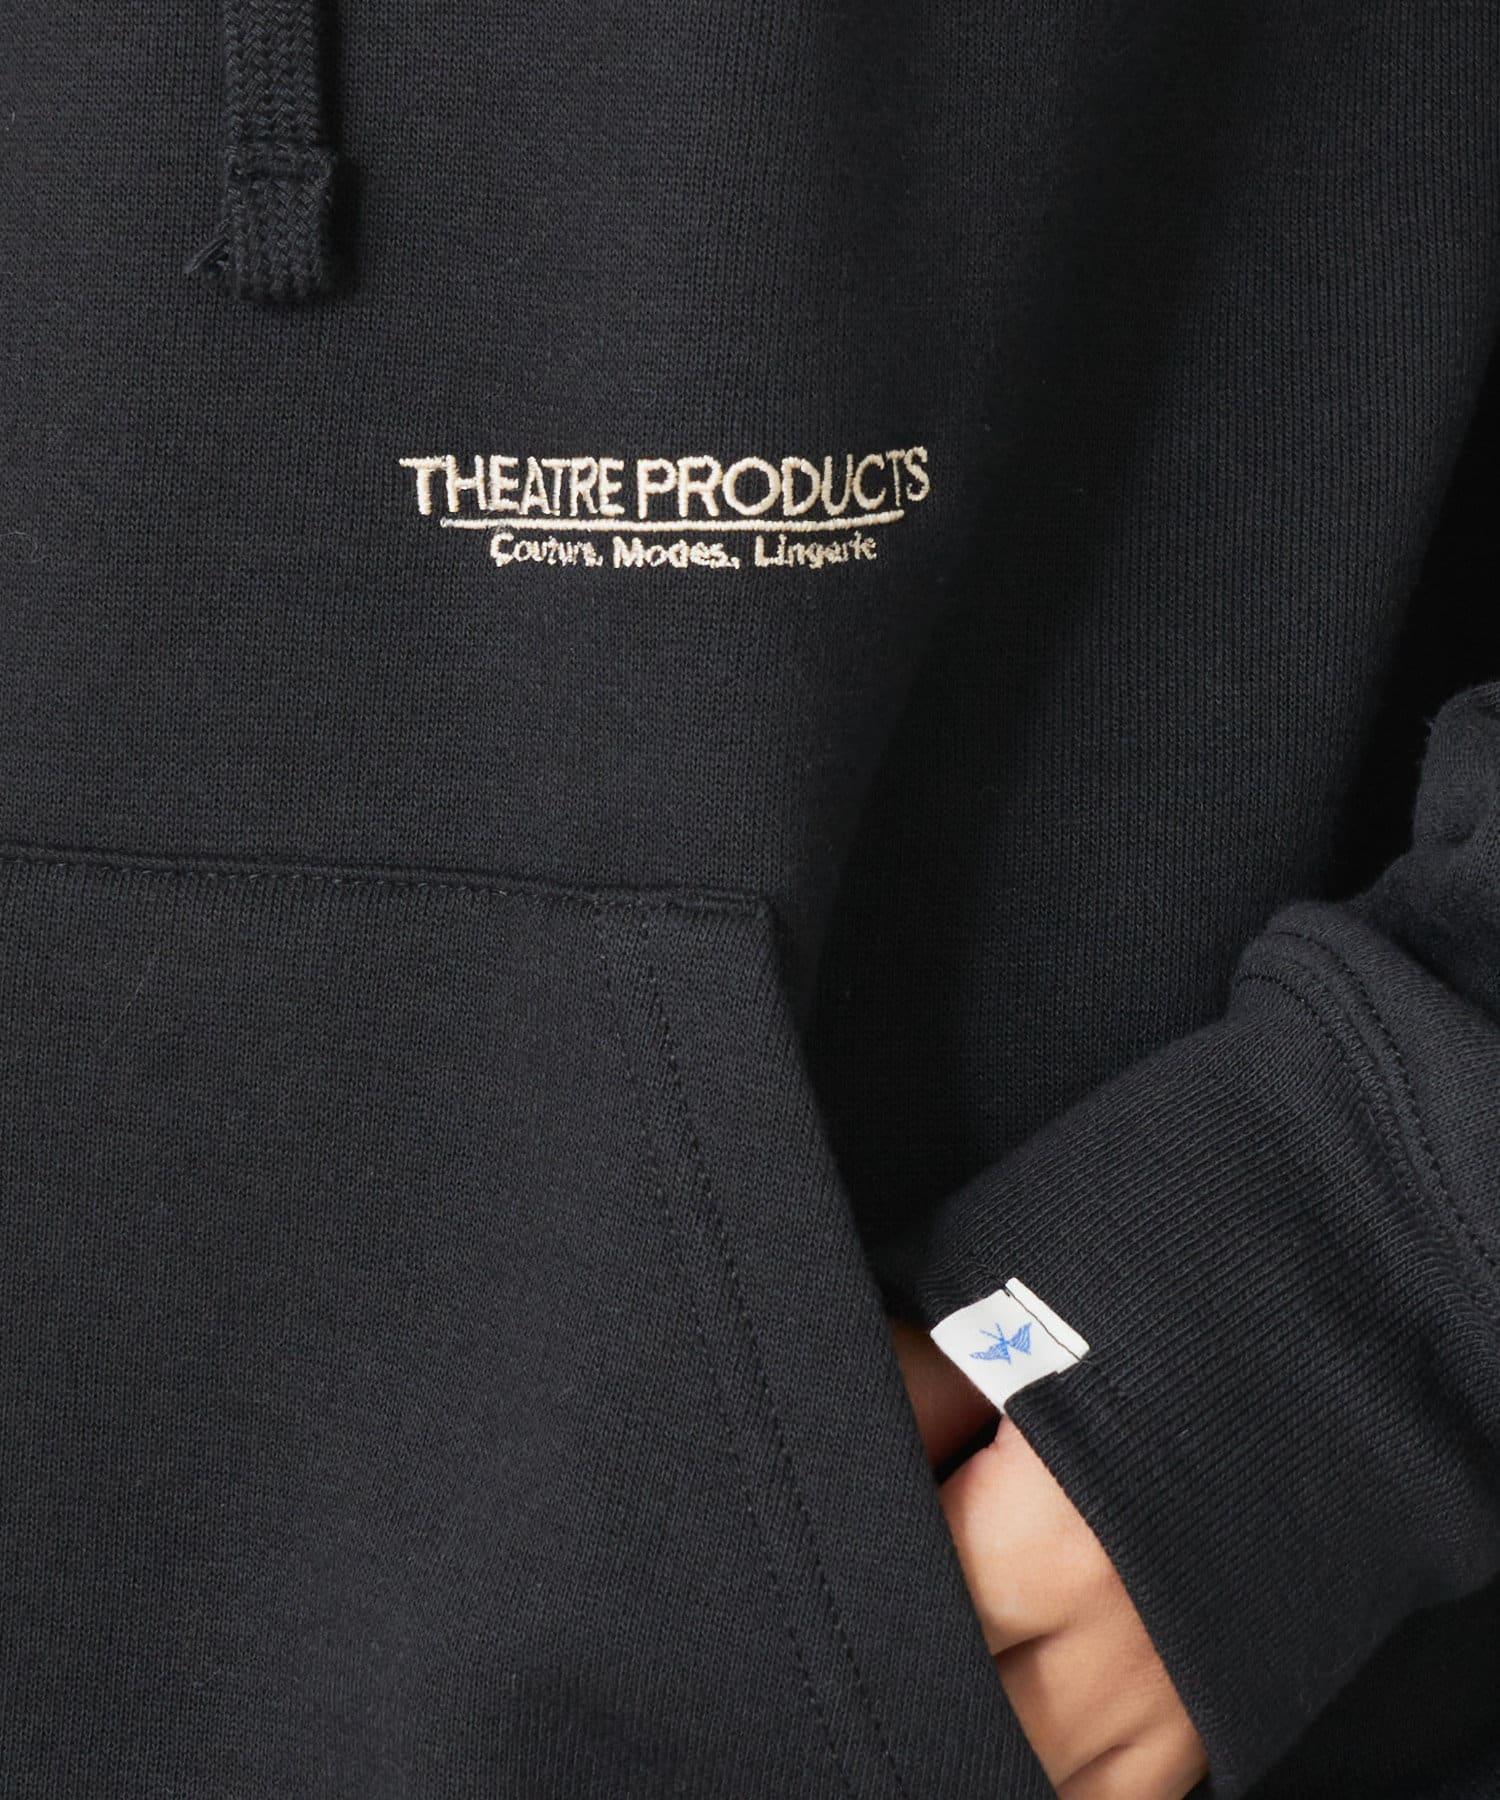 pual ce cin(ピュアルセシン) 【WEB限定】THEATRE PRODUSTS ロゴ刺繍パーカー